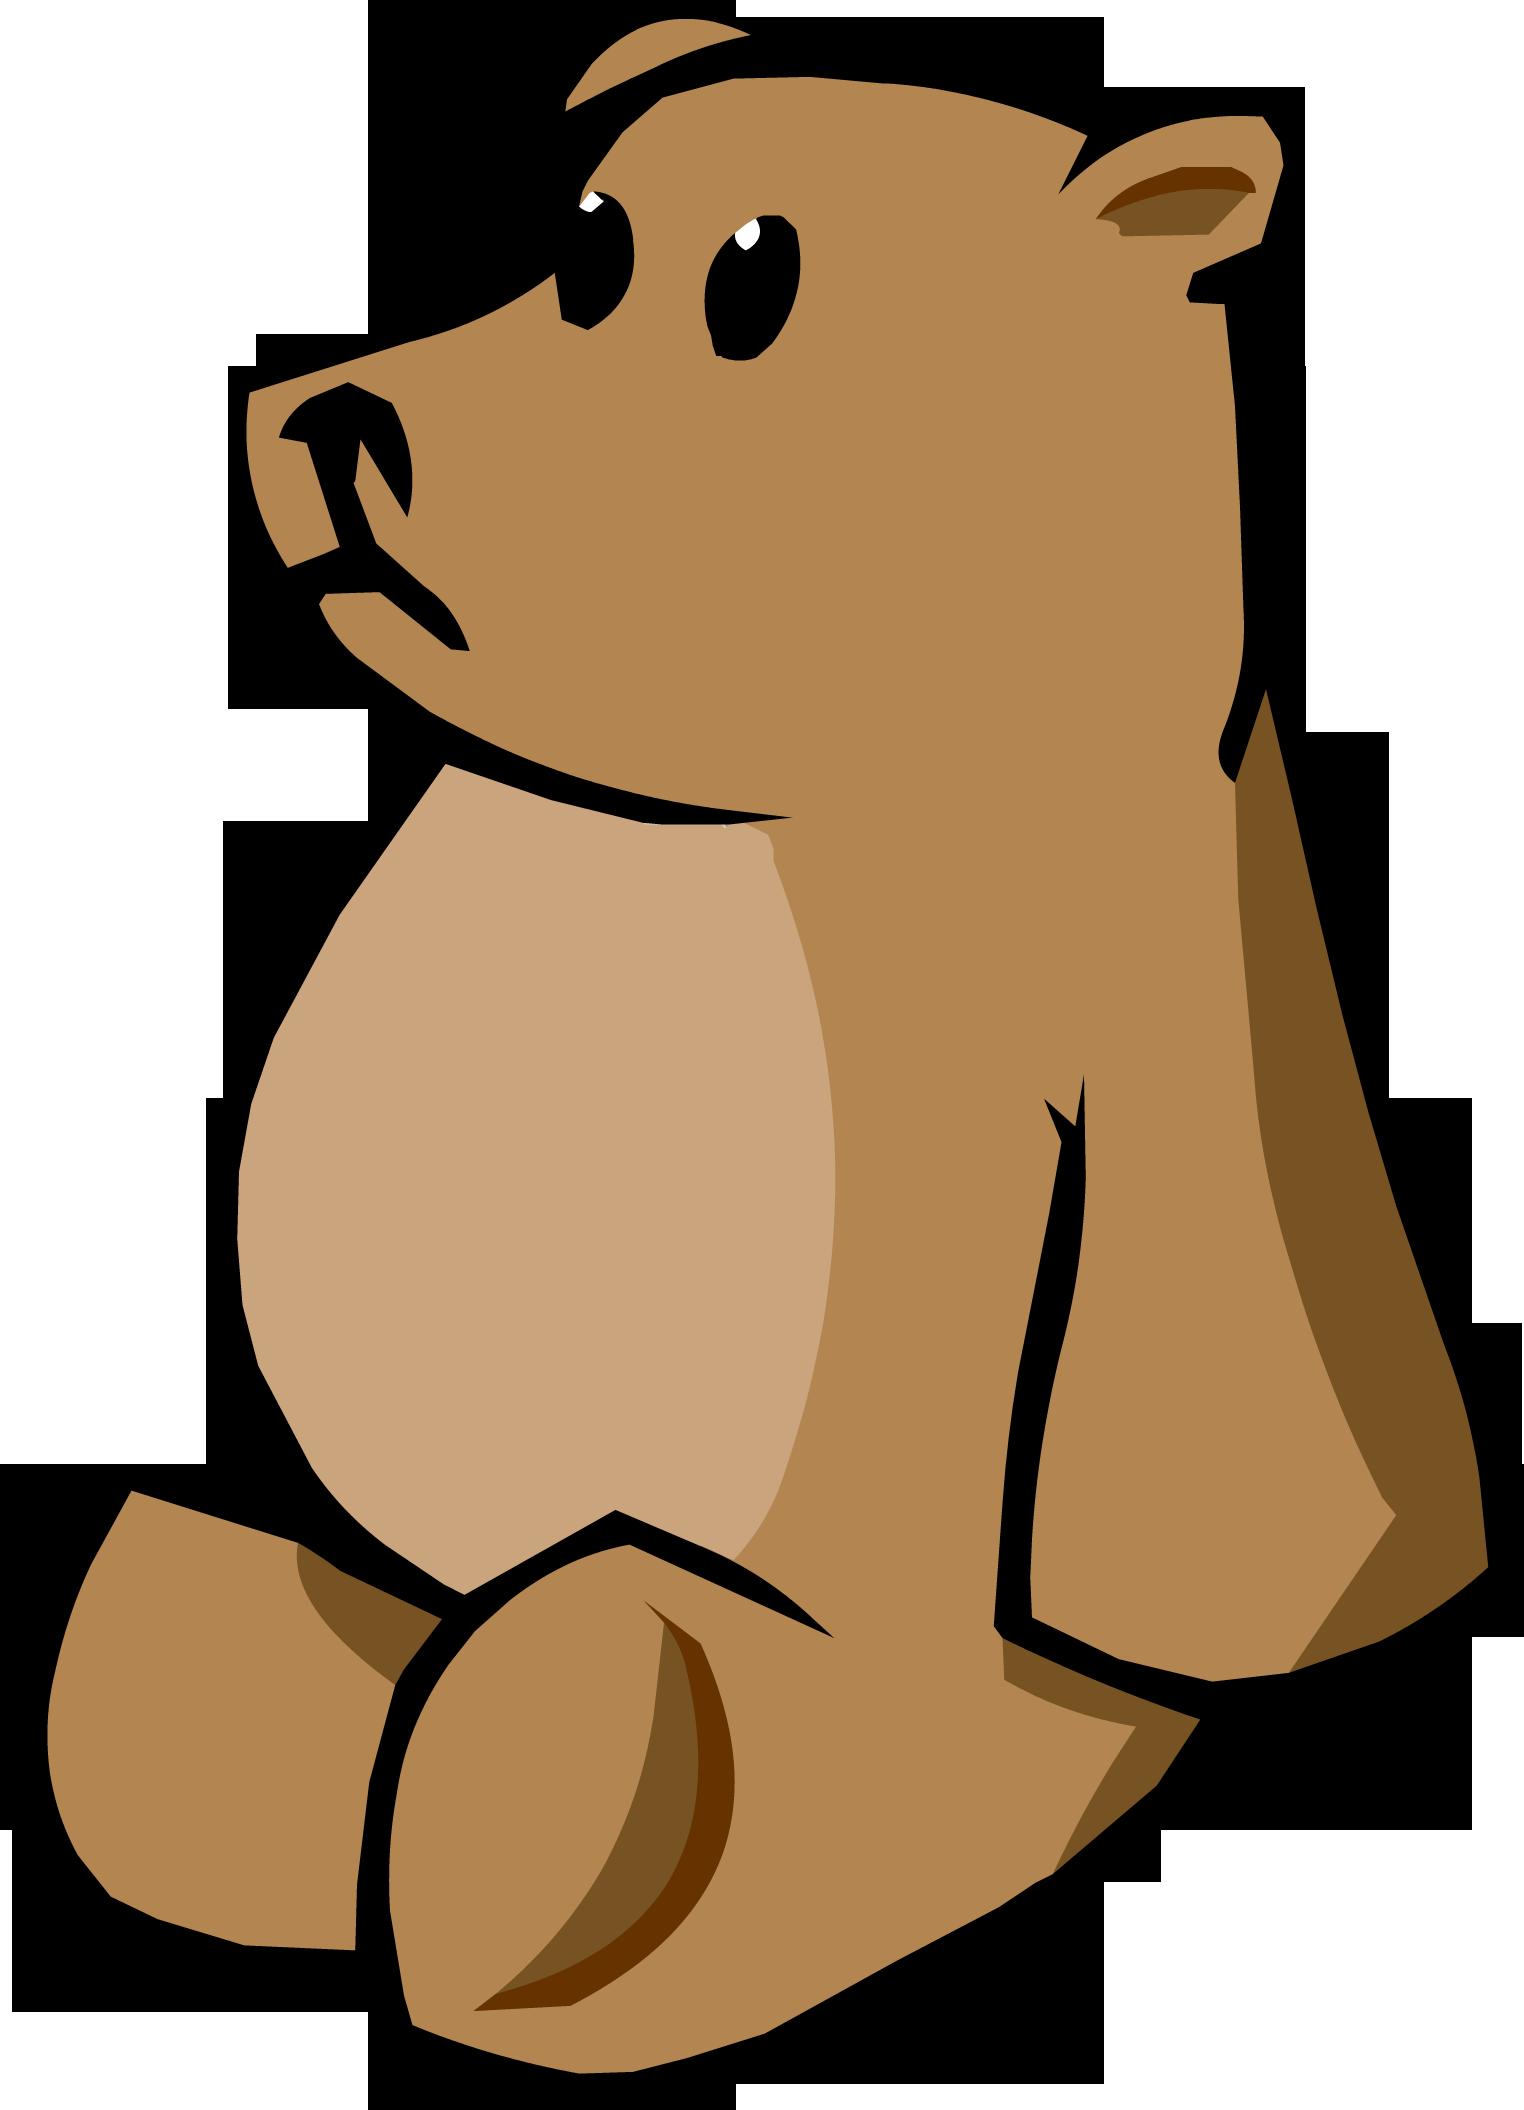 Плюшевый мишка PNG